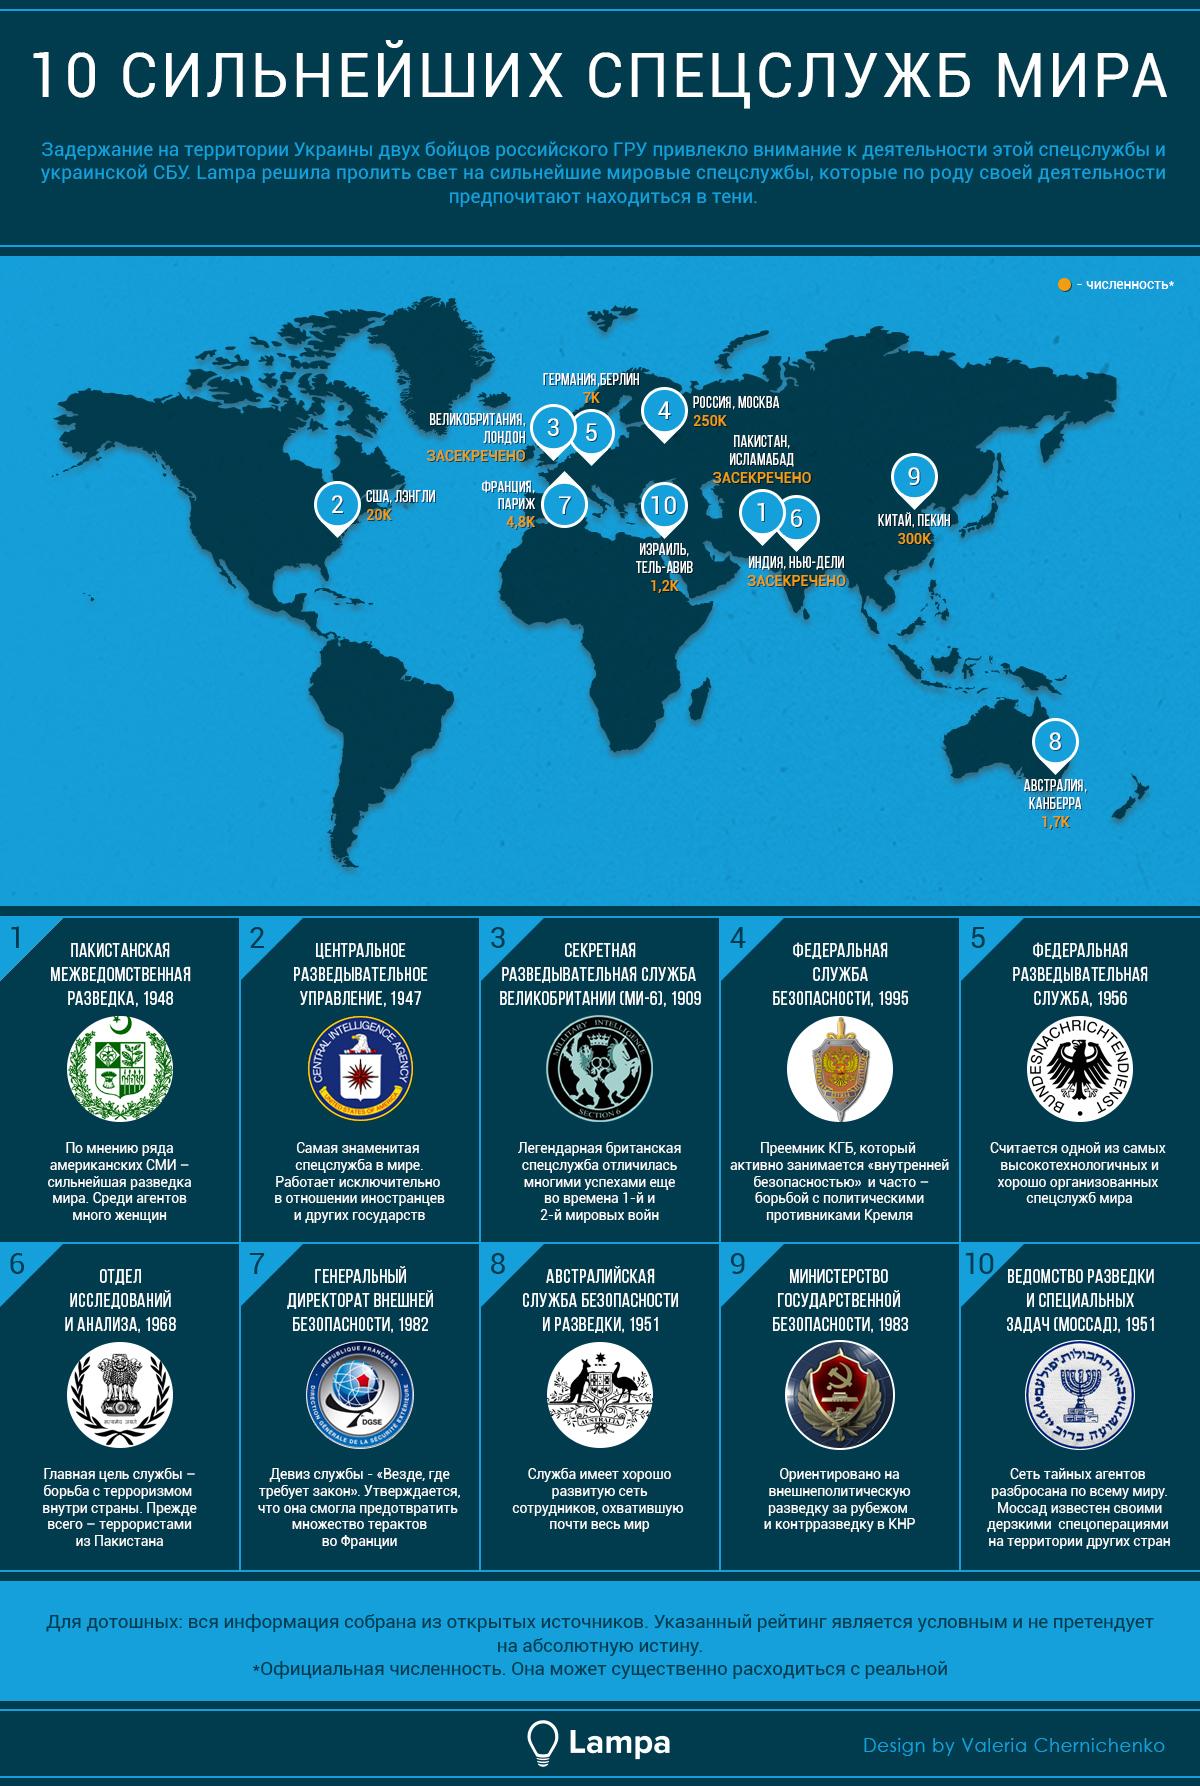 Визуализация: 10 сильнейших спецслужб мира